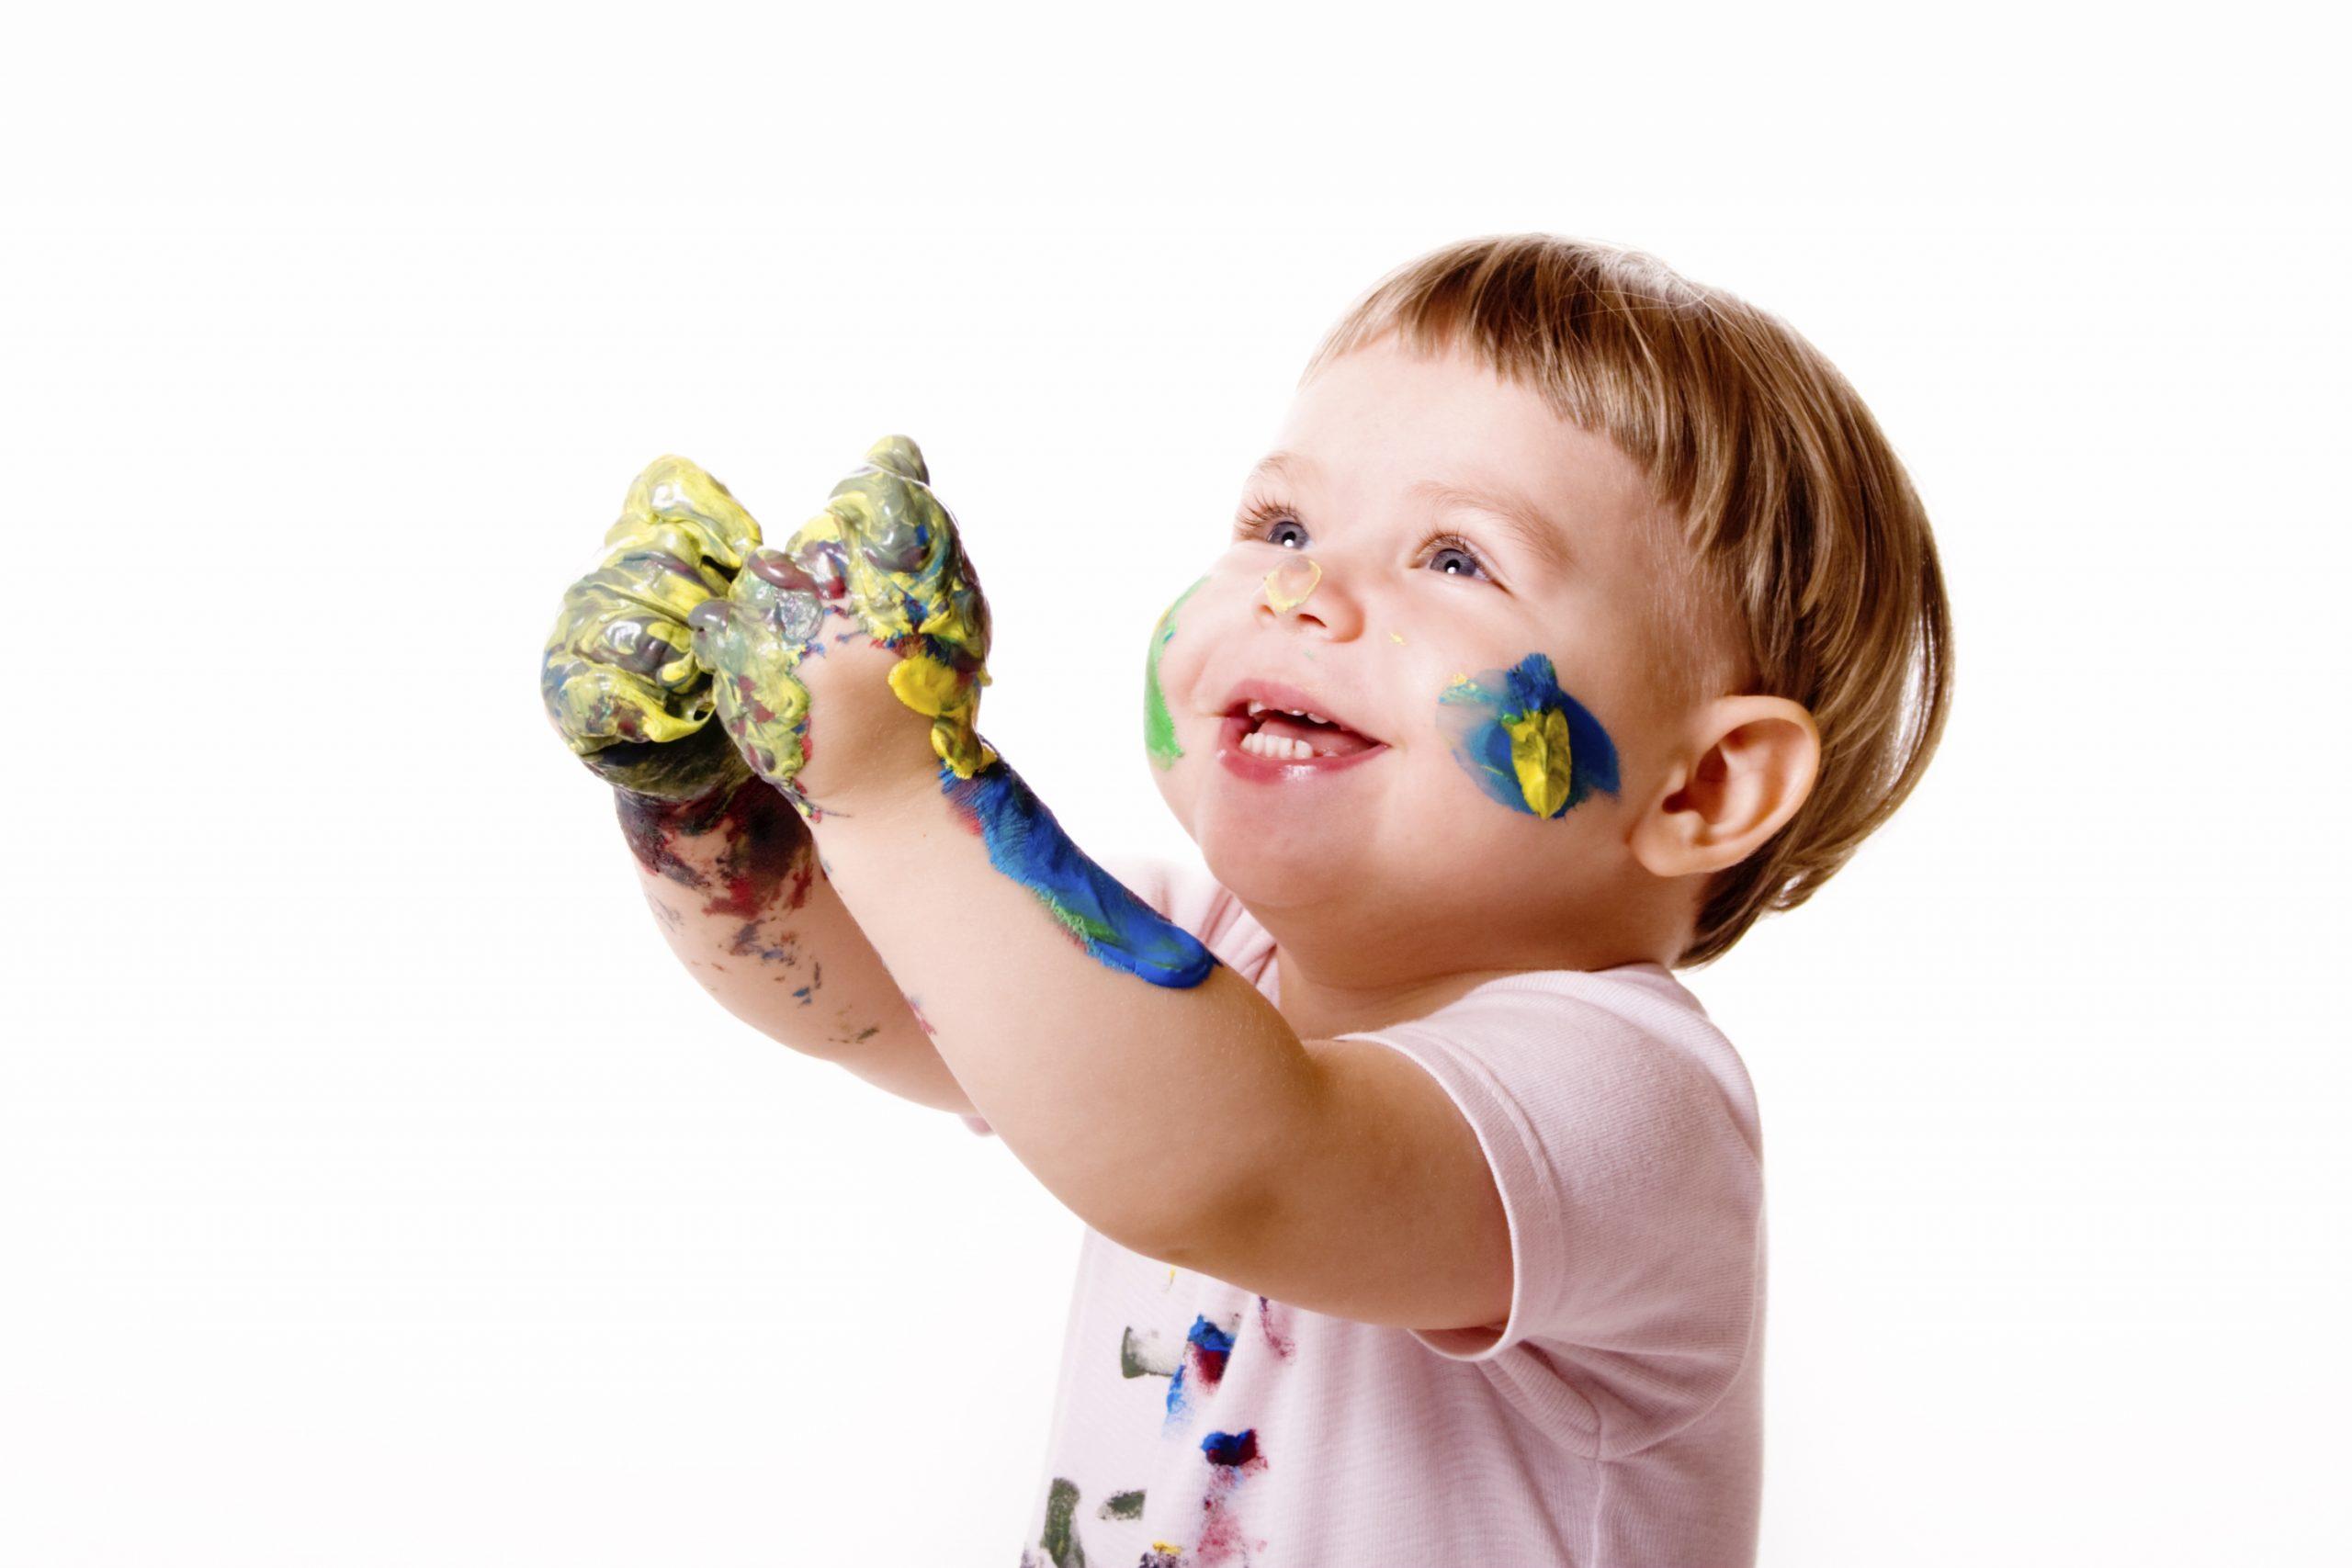 Bébé A 15 Mois : Jeux, Jouets Et Activités Ludiques pour Jeux D Eveil Bébé 2 Mois